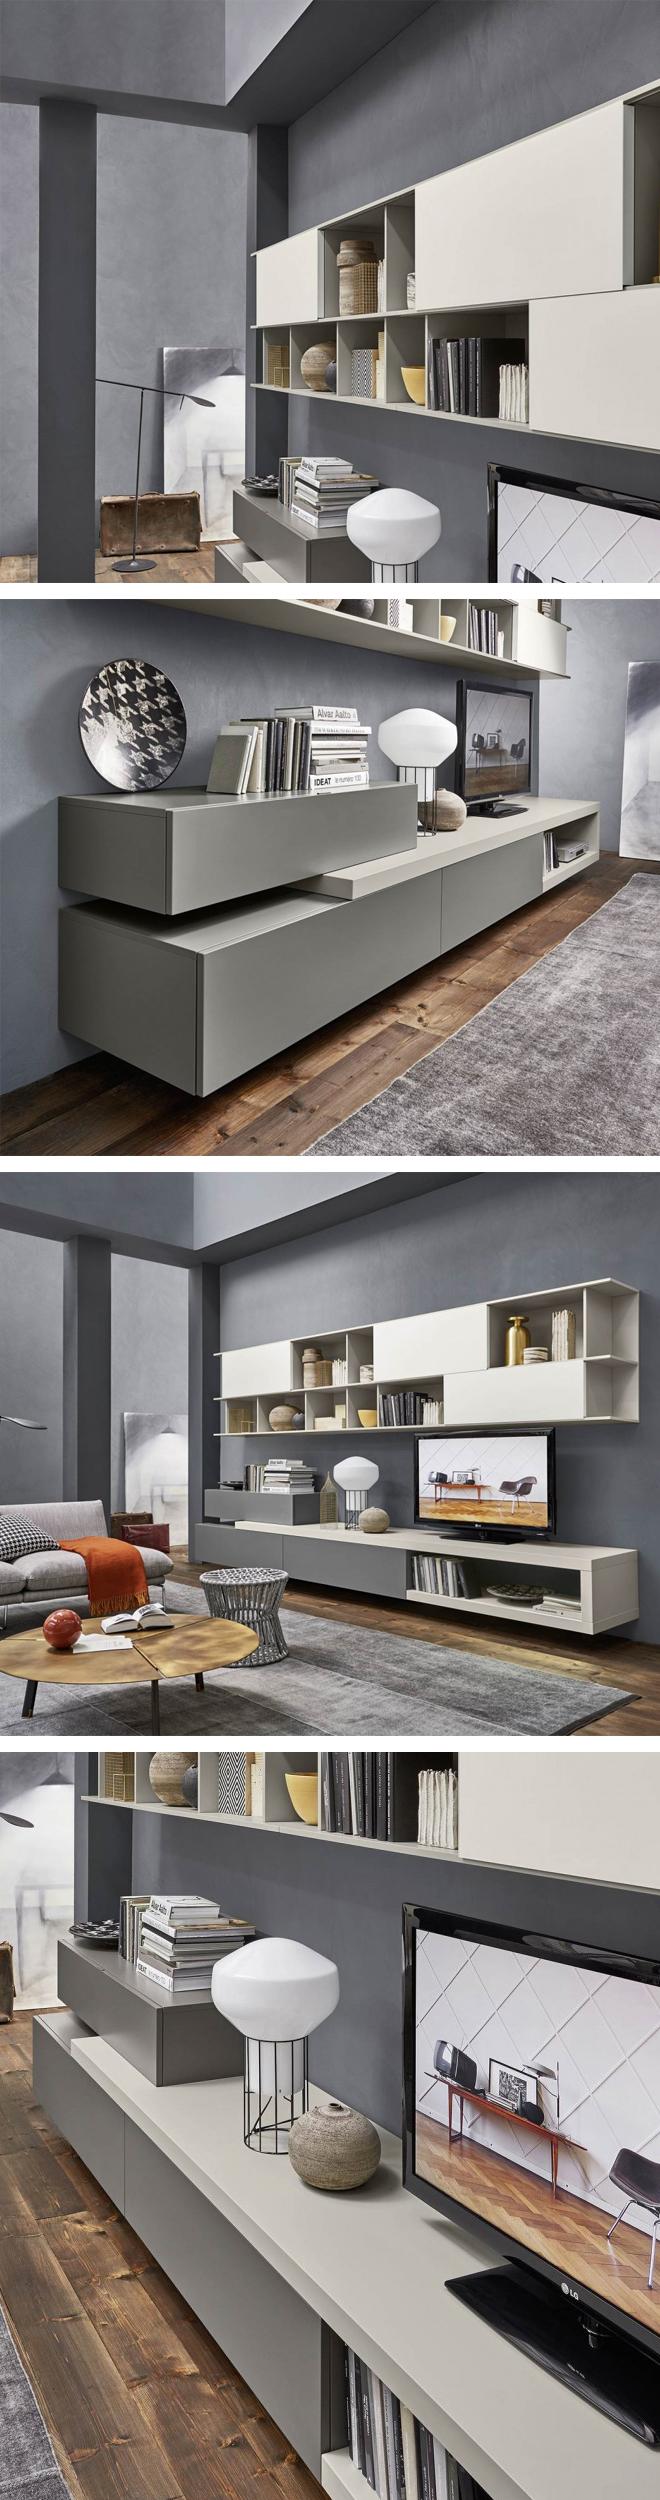 Malerisch Hochwertige Wohnwände Foto Von Die Livitalia Design Wohnwand C16 Ist Modern